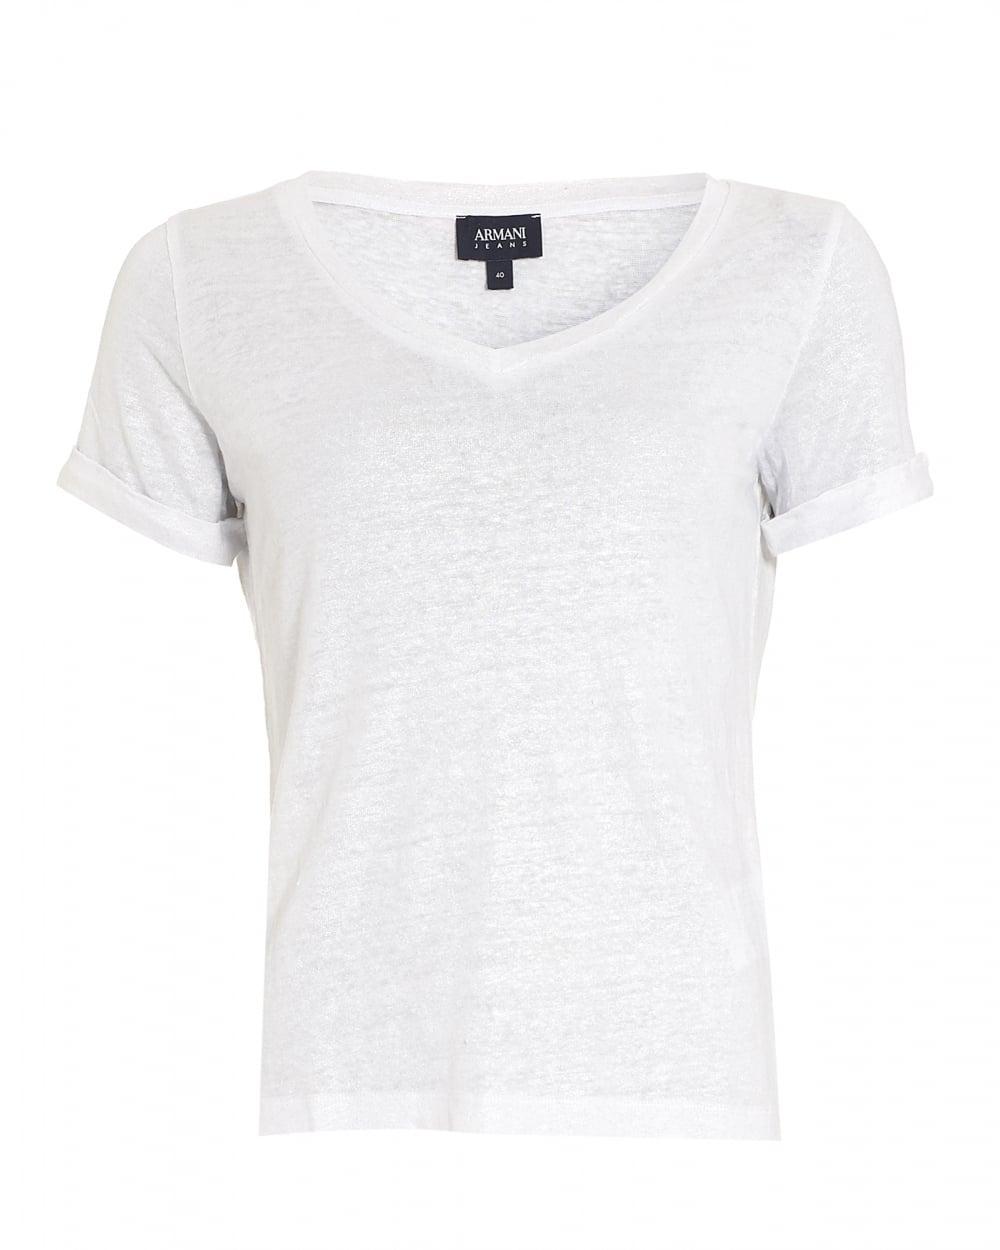 Armani jeans womens t shirt v neck linen white tee for Best white t shirt women s v neck